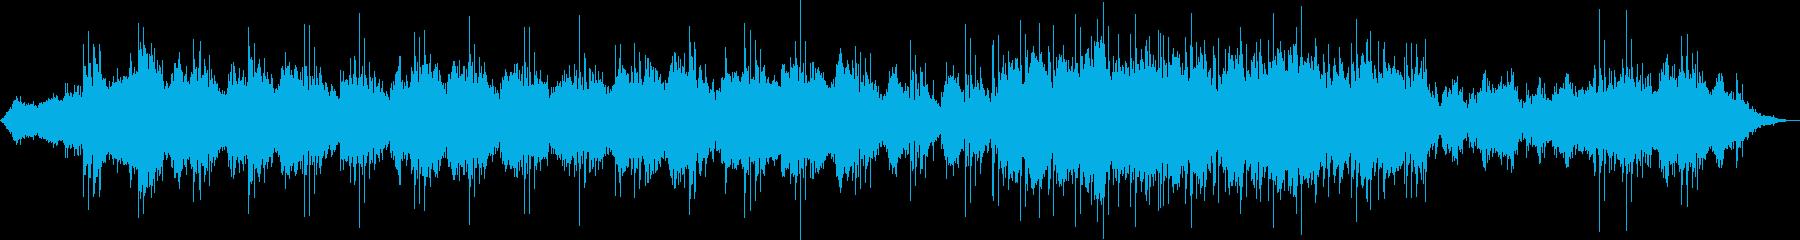 ホラー・サスペンス湿度感じる不気味な曲の再生済みの波形